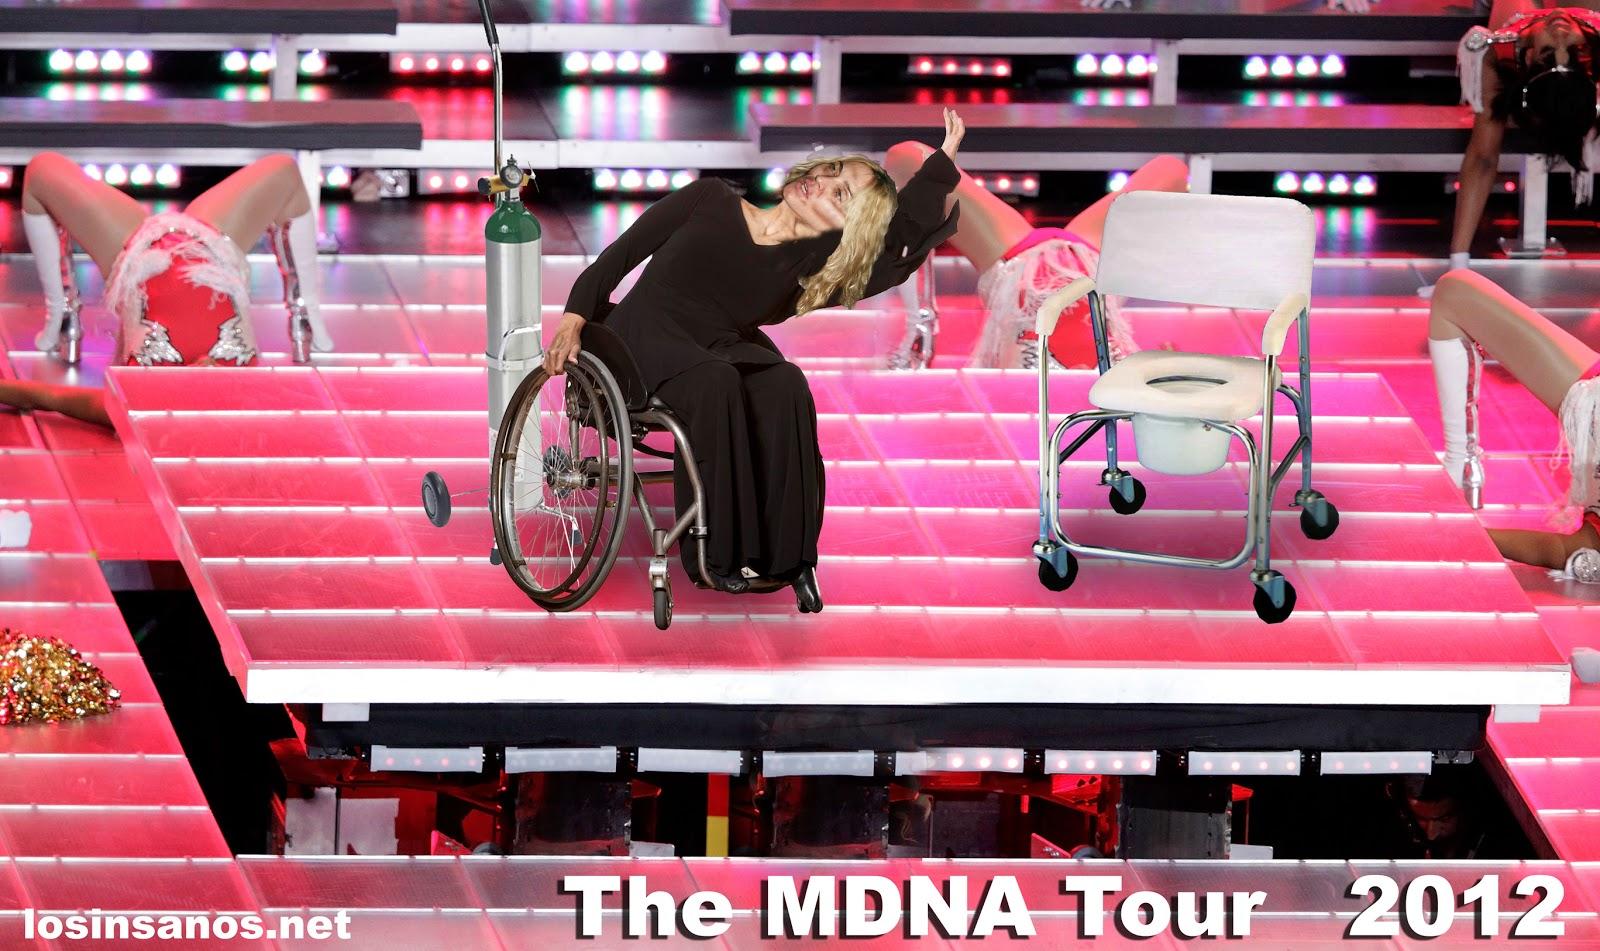 http://3.bp.blogspot.com/-FRUtck2lYLg/T7EaRmBD4jI/AAAAAAAAVN0/sIIGIs6cx-s/s1600/madonna+tour.jpg